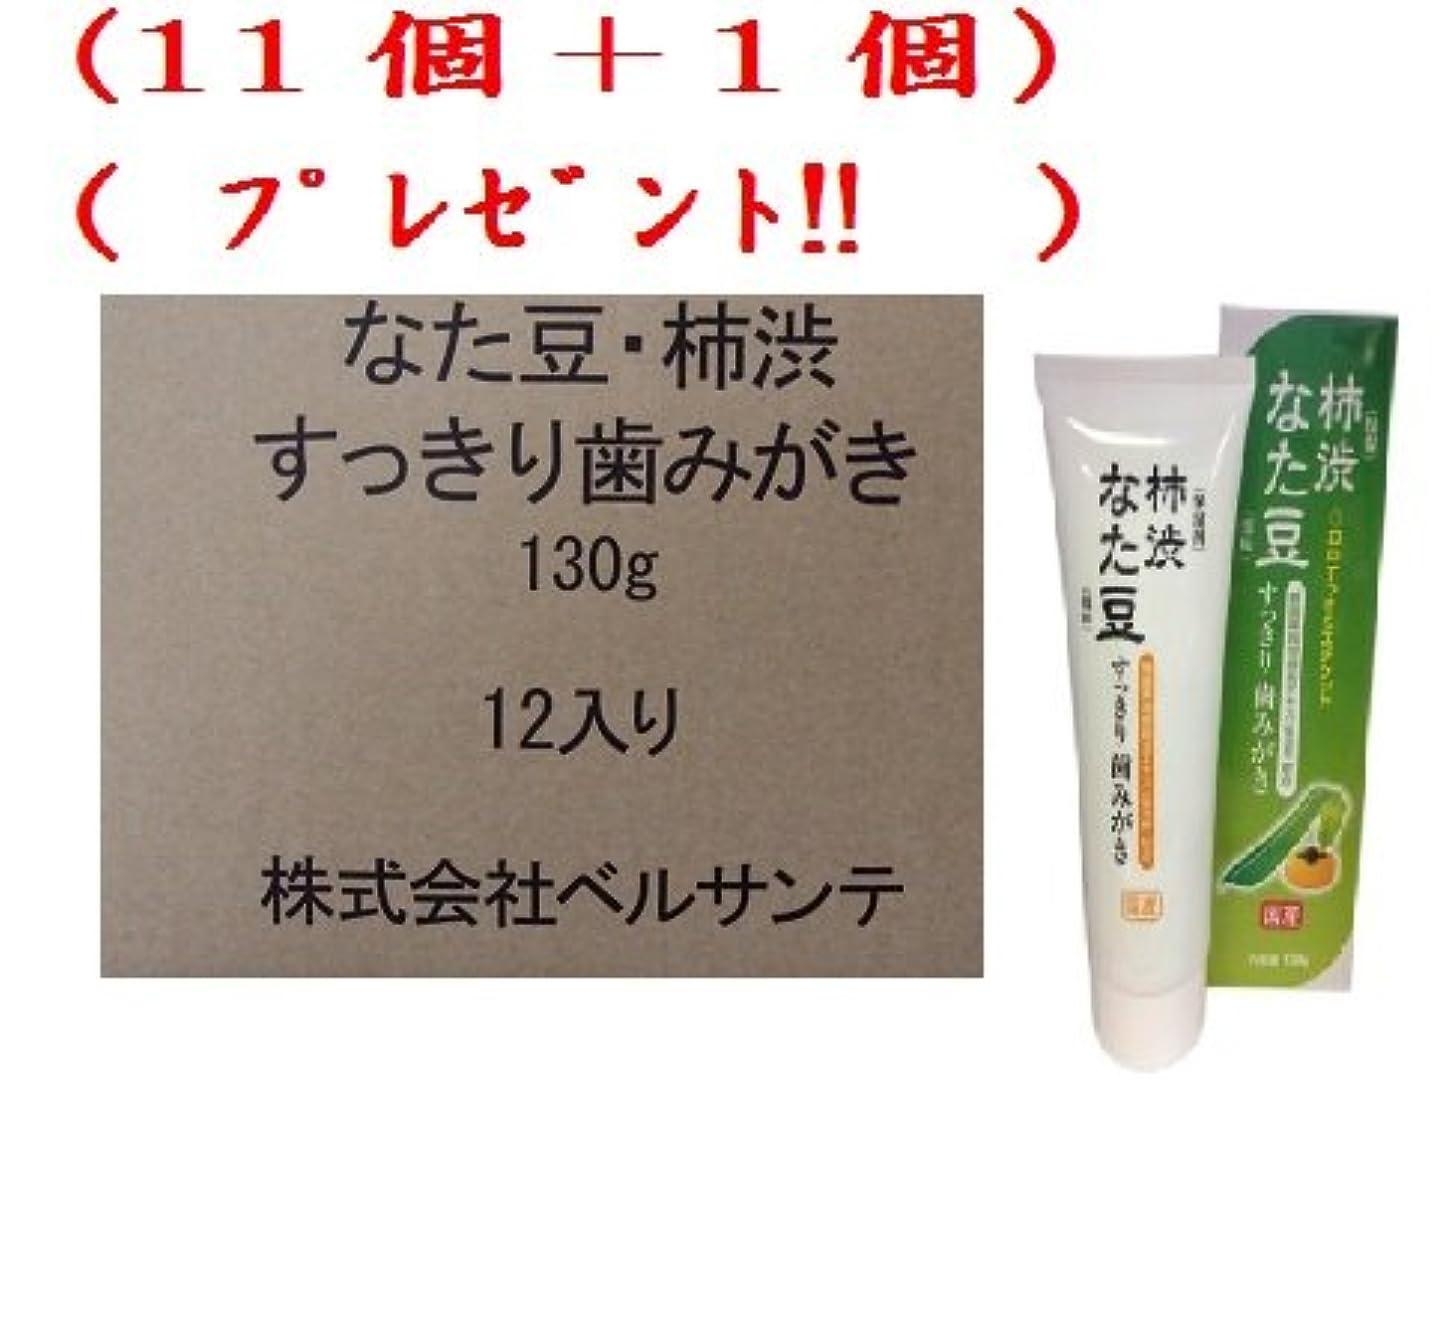 リンケージ反響する方言ナタ豆柿渋歯みがき130g(●11個購入特別価額+1個プレゼント)